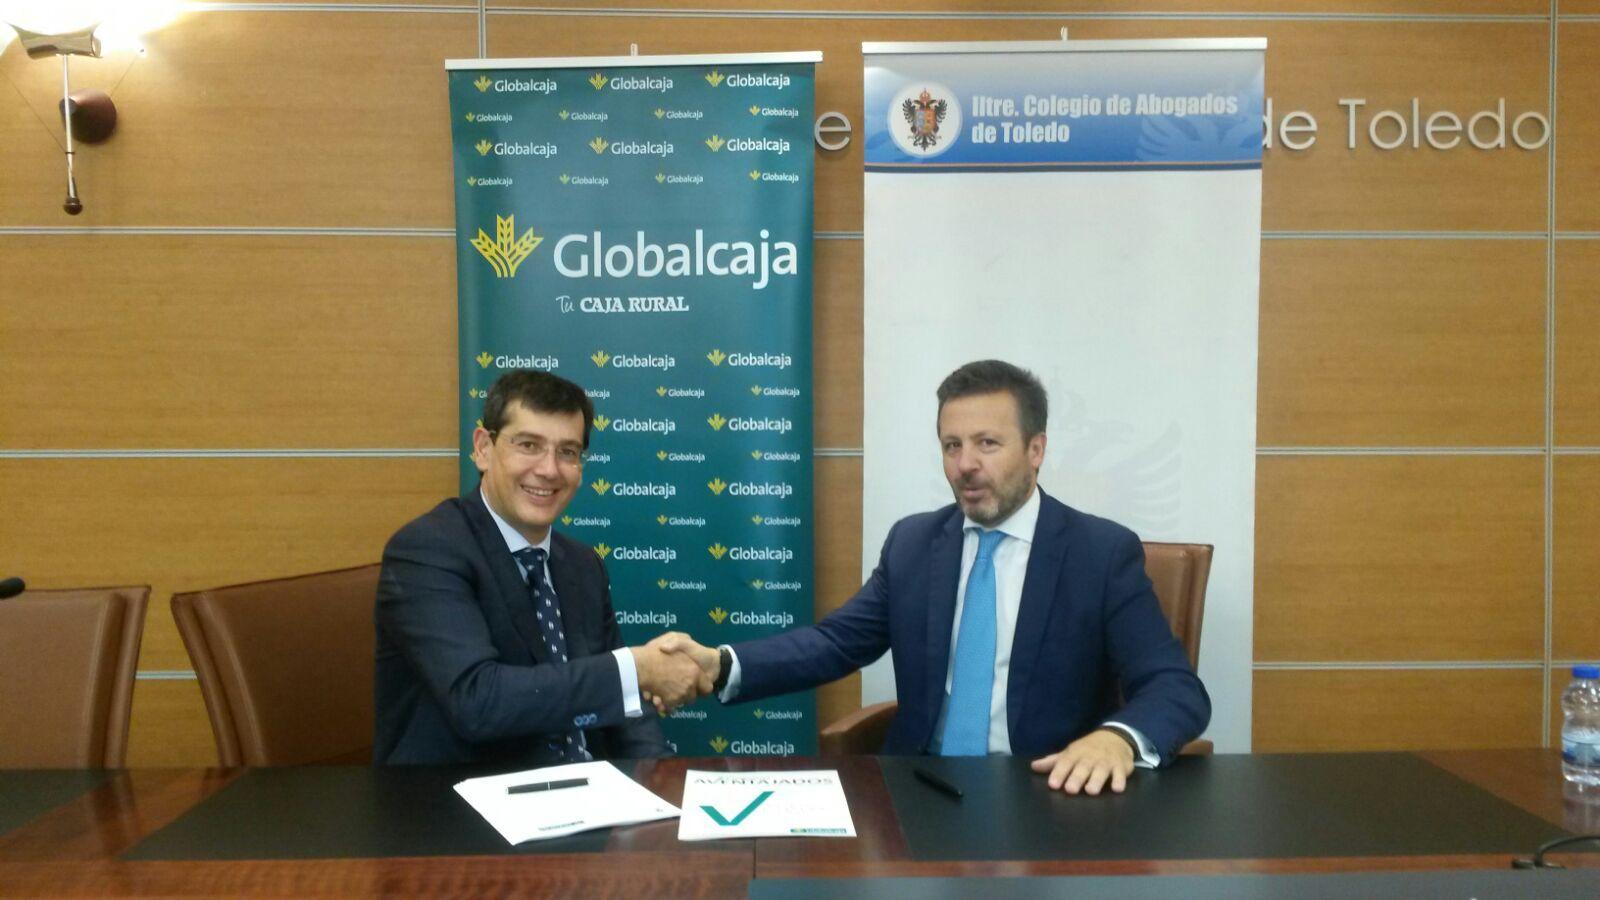 Convenio de Globalcaja con el Colegio de Abogados de Toledo